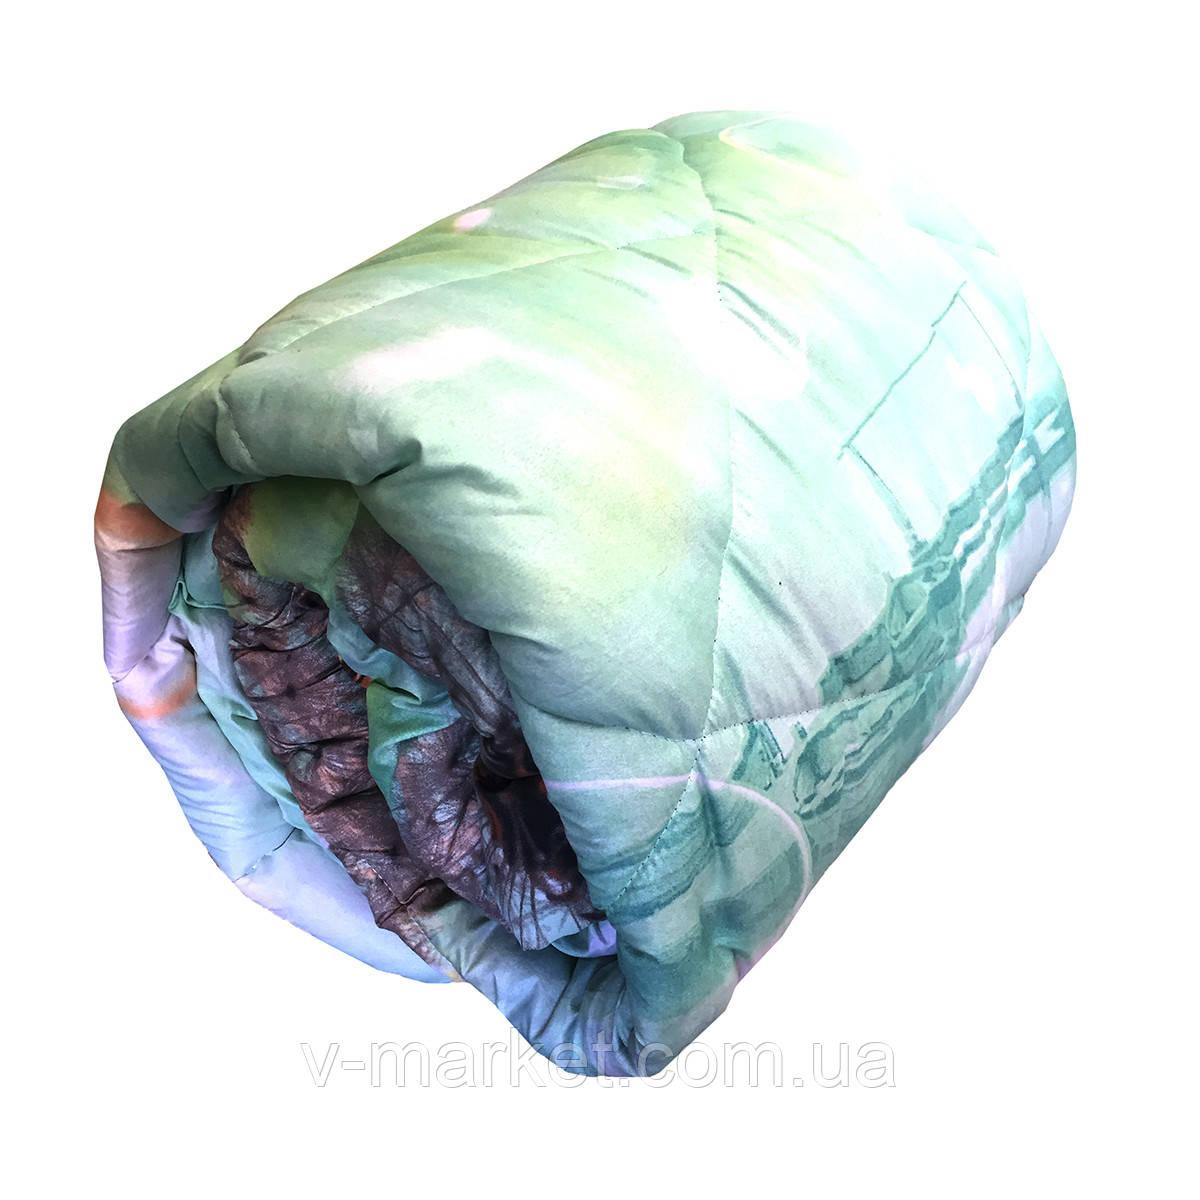 Одеяло ватное двуспальное 180/210 см, ткань бязь